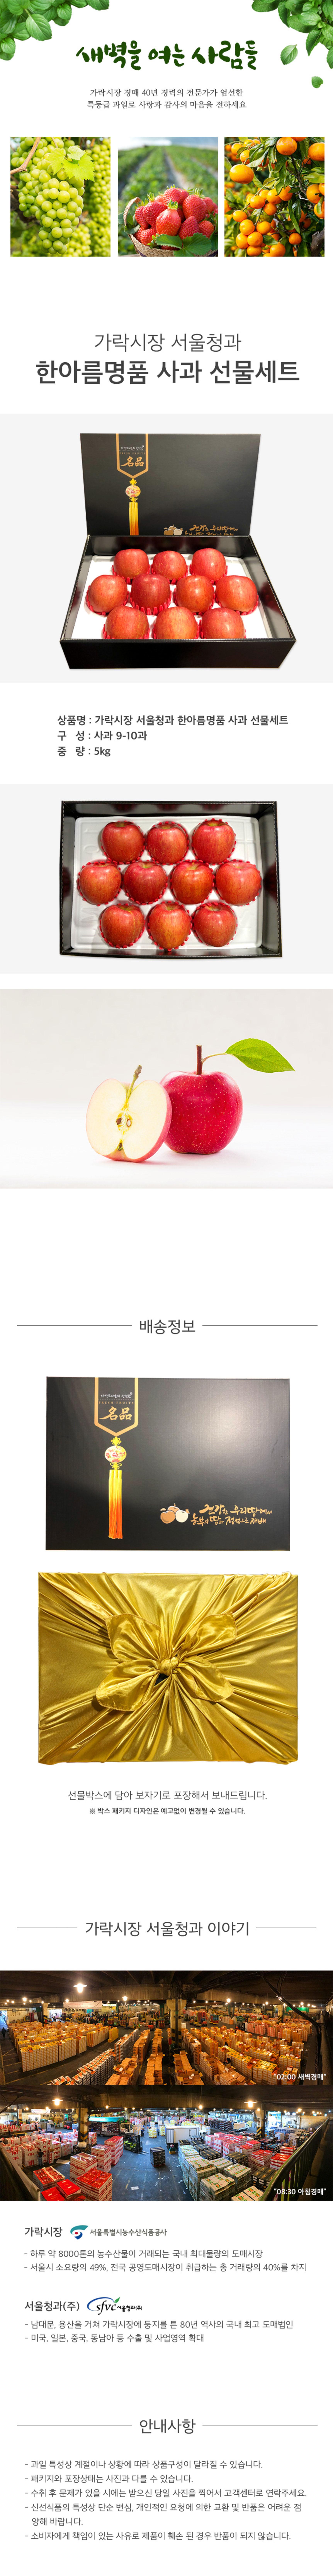 서울청과 한아름명품 사과 선물세트 5kg